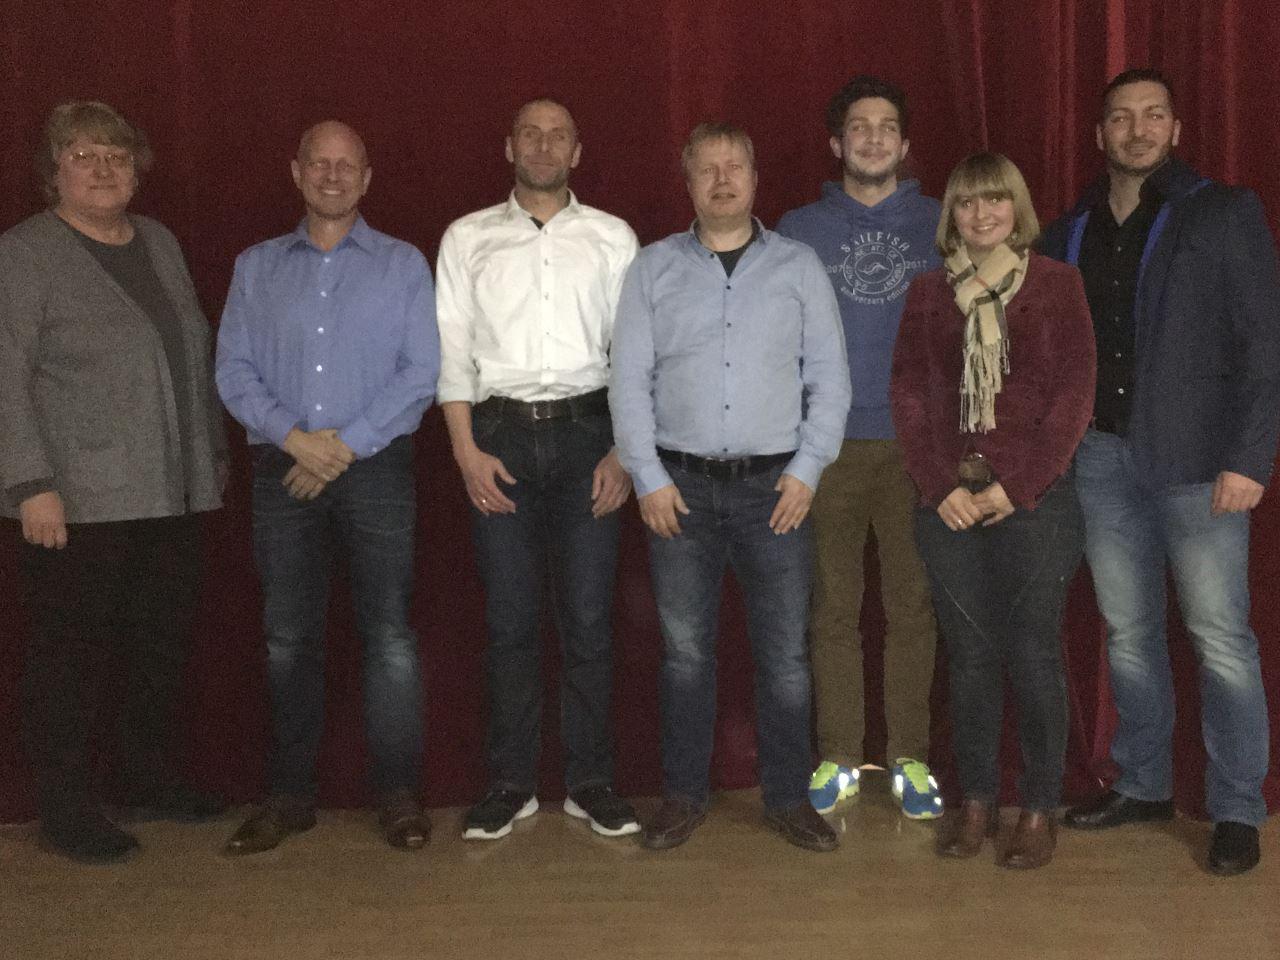 Mitgliederversammlung 2017: Der neue Vorstand des TV Schweinheim